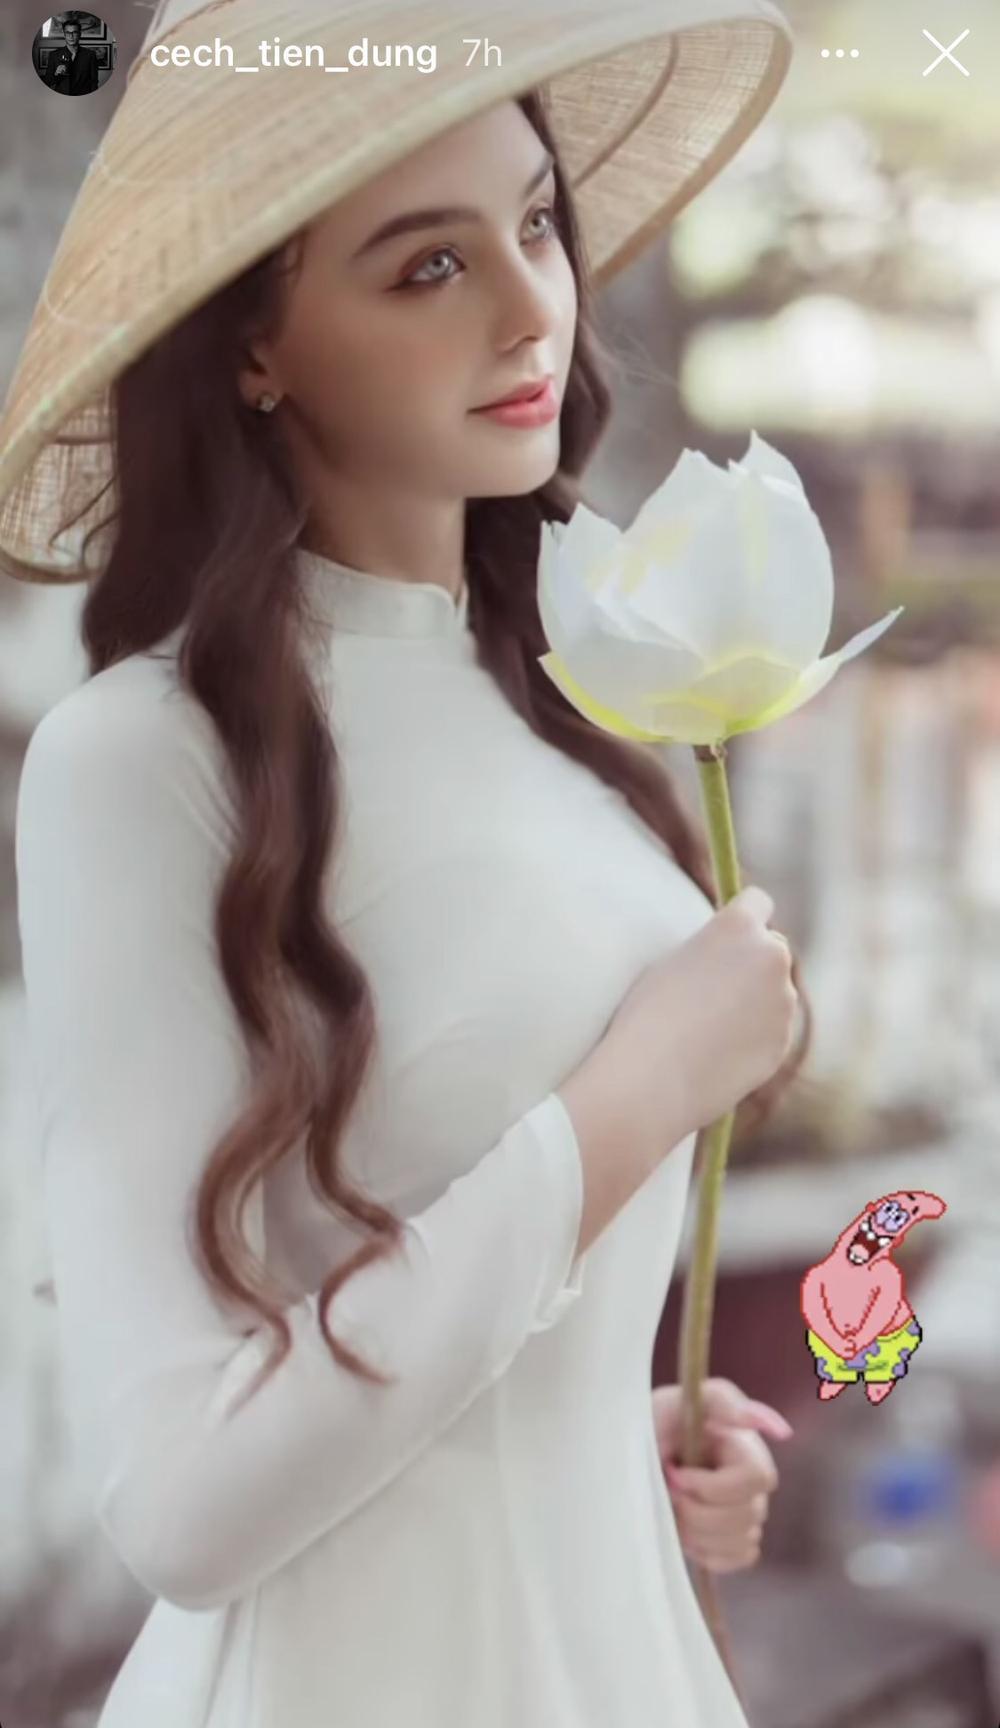 Bạn gái thủ môn Bùi Tiến Dũng dịu dàng trong trang phục truyền thống Việt Nam Ảnh 1